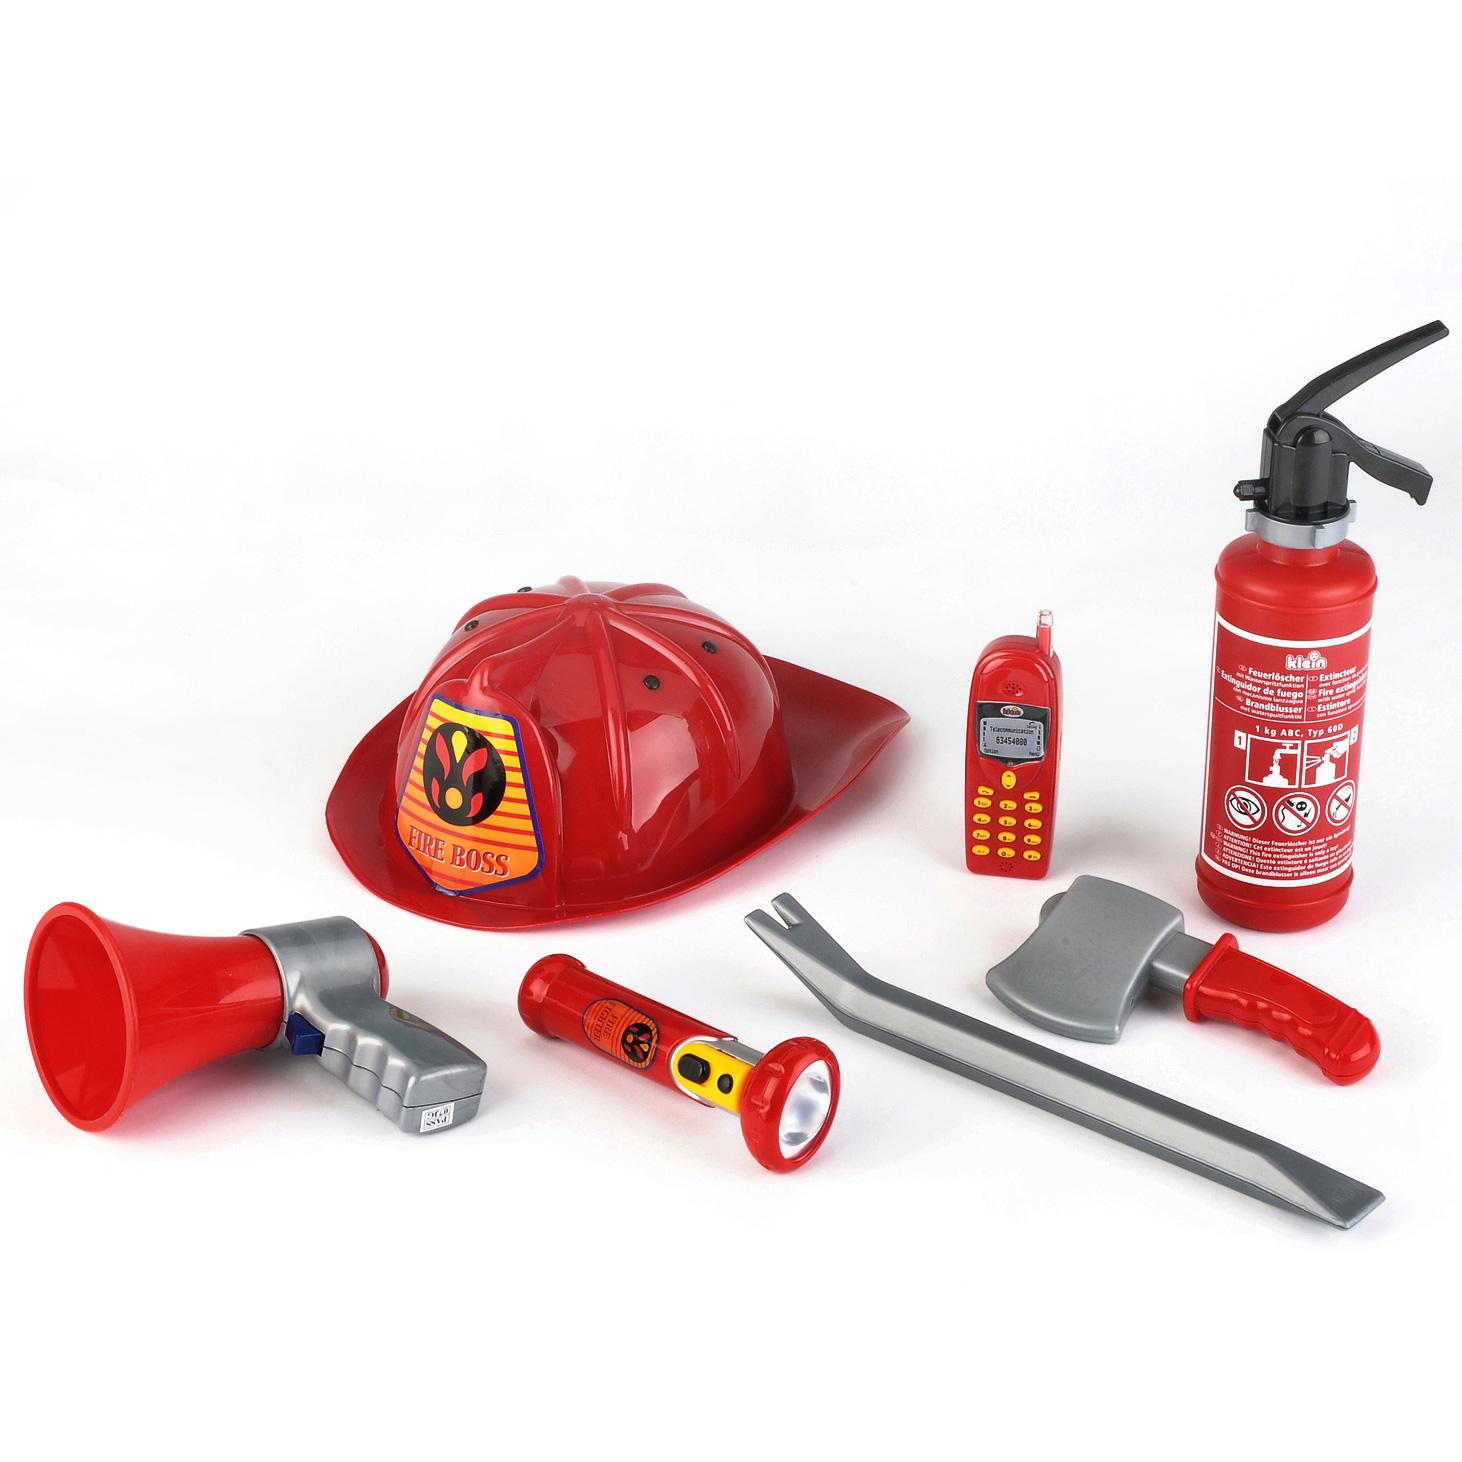 Фото пожарные щиты закрытого типа в комплекте